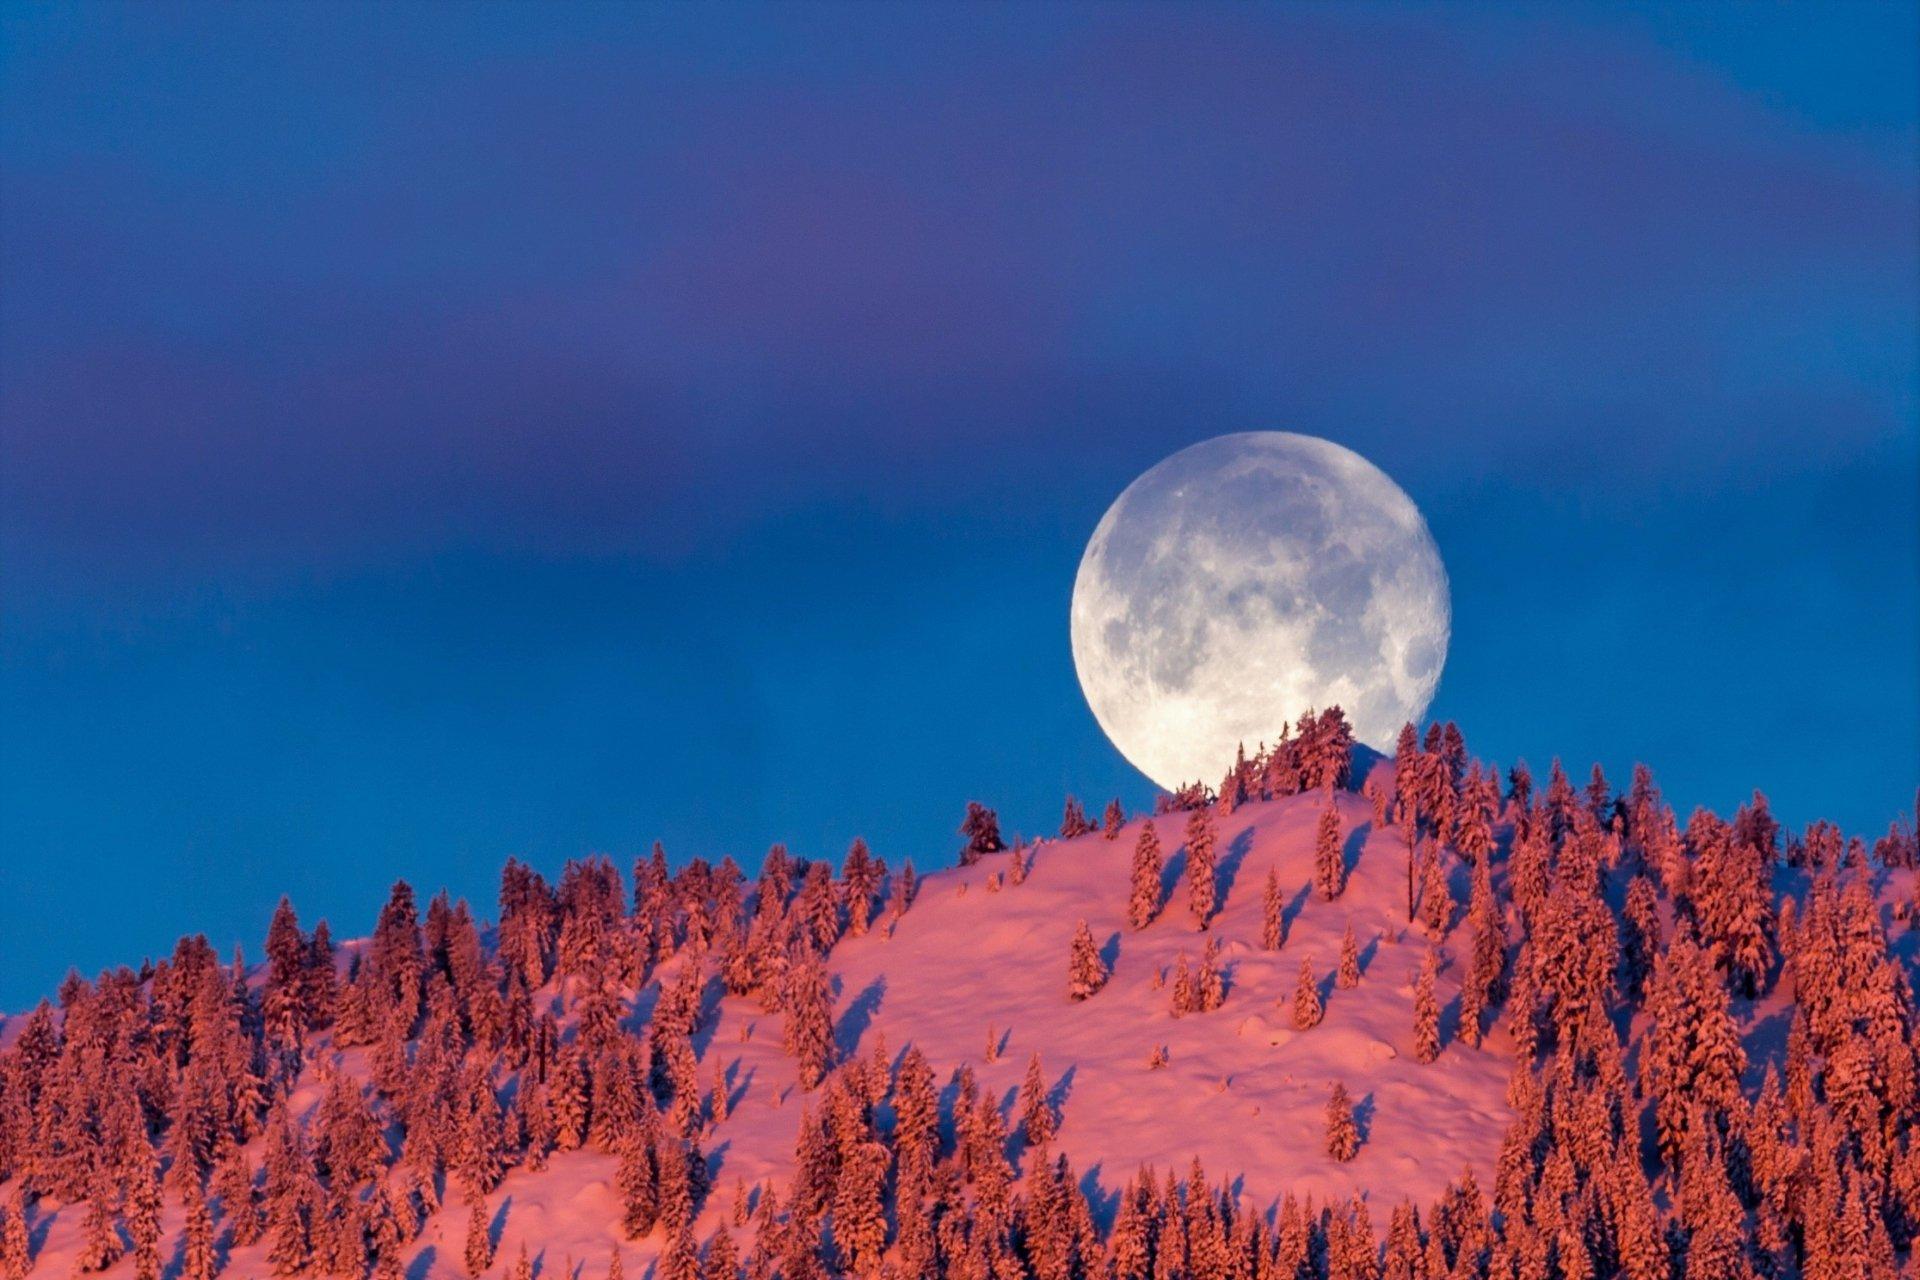 Hình ảnh mặt trăng đẹp và ấn tượng